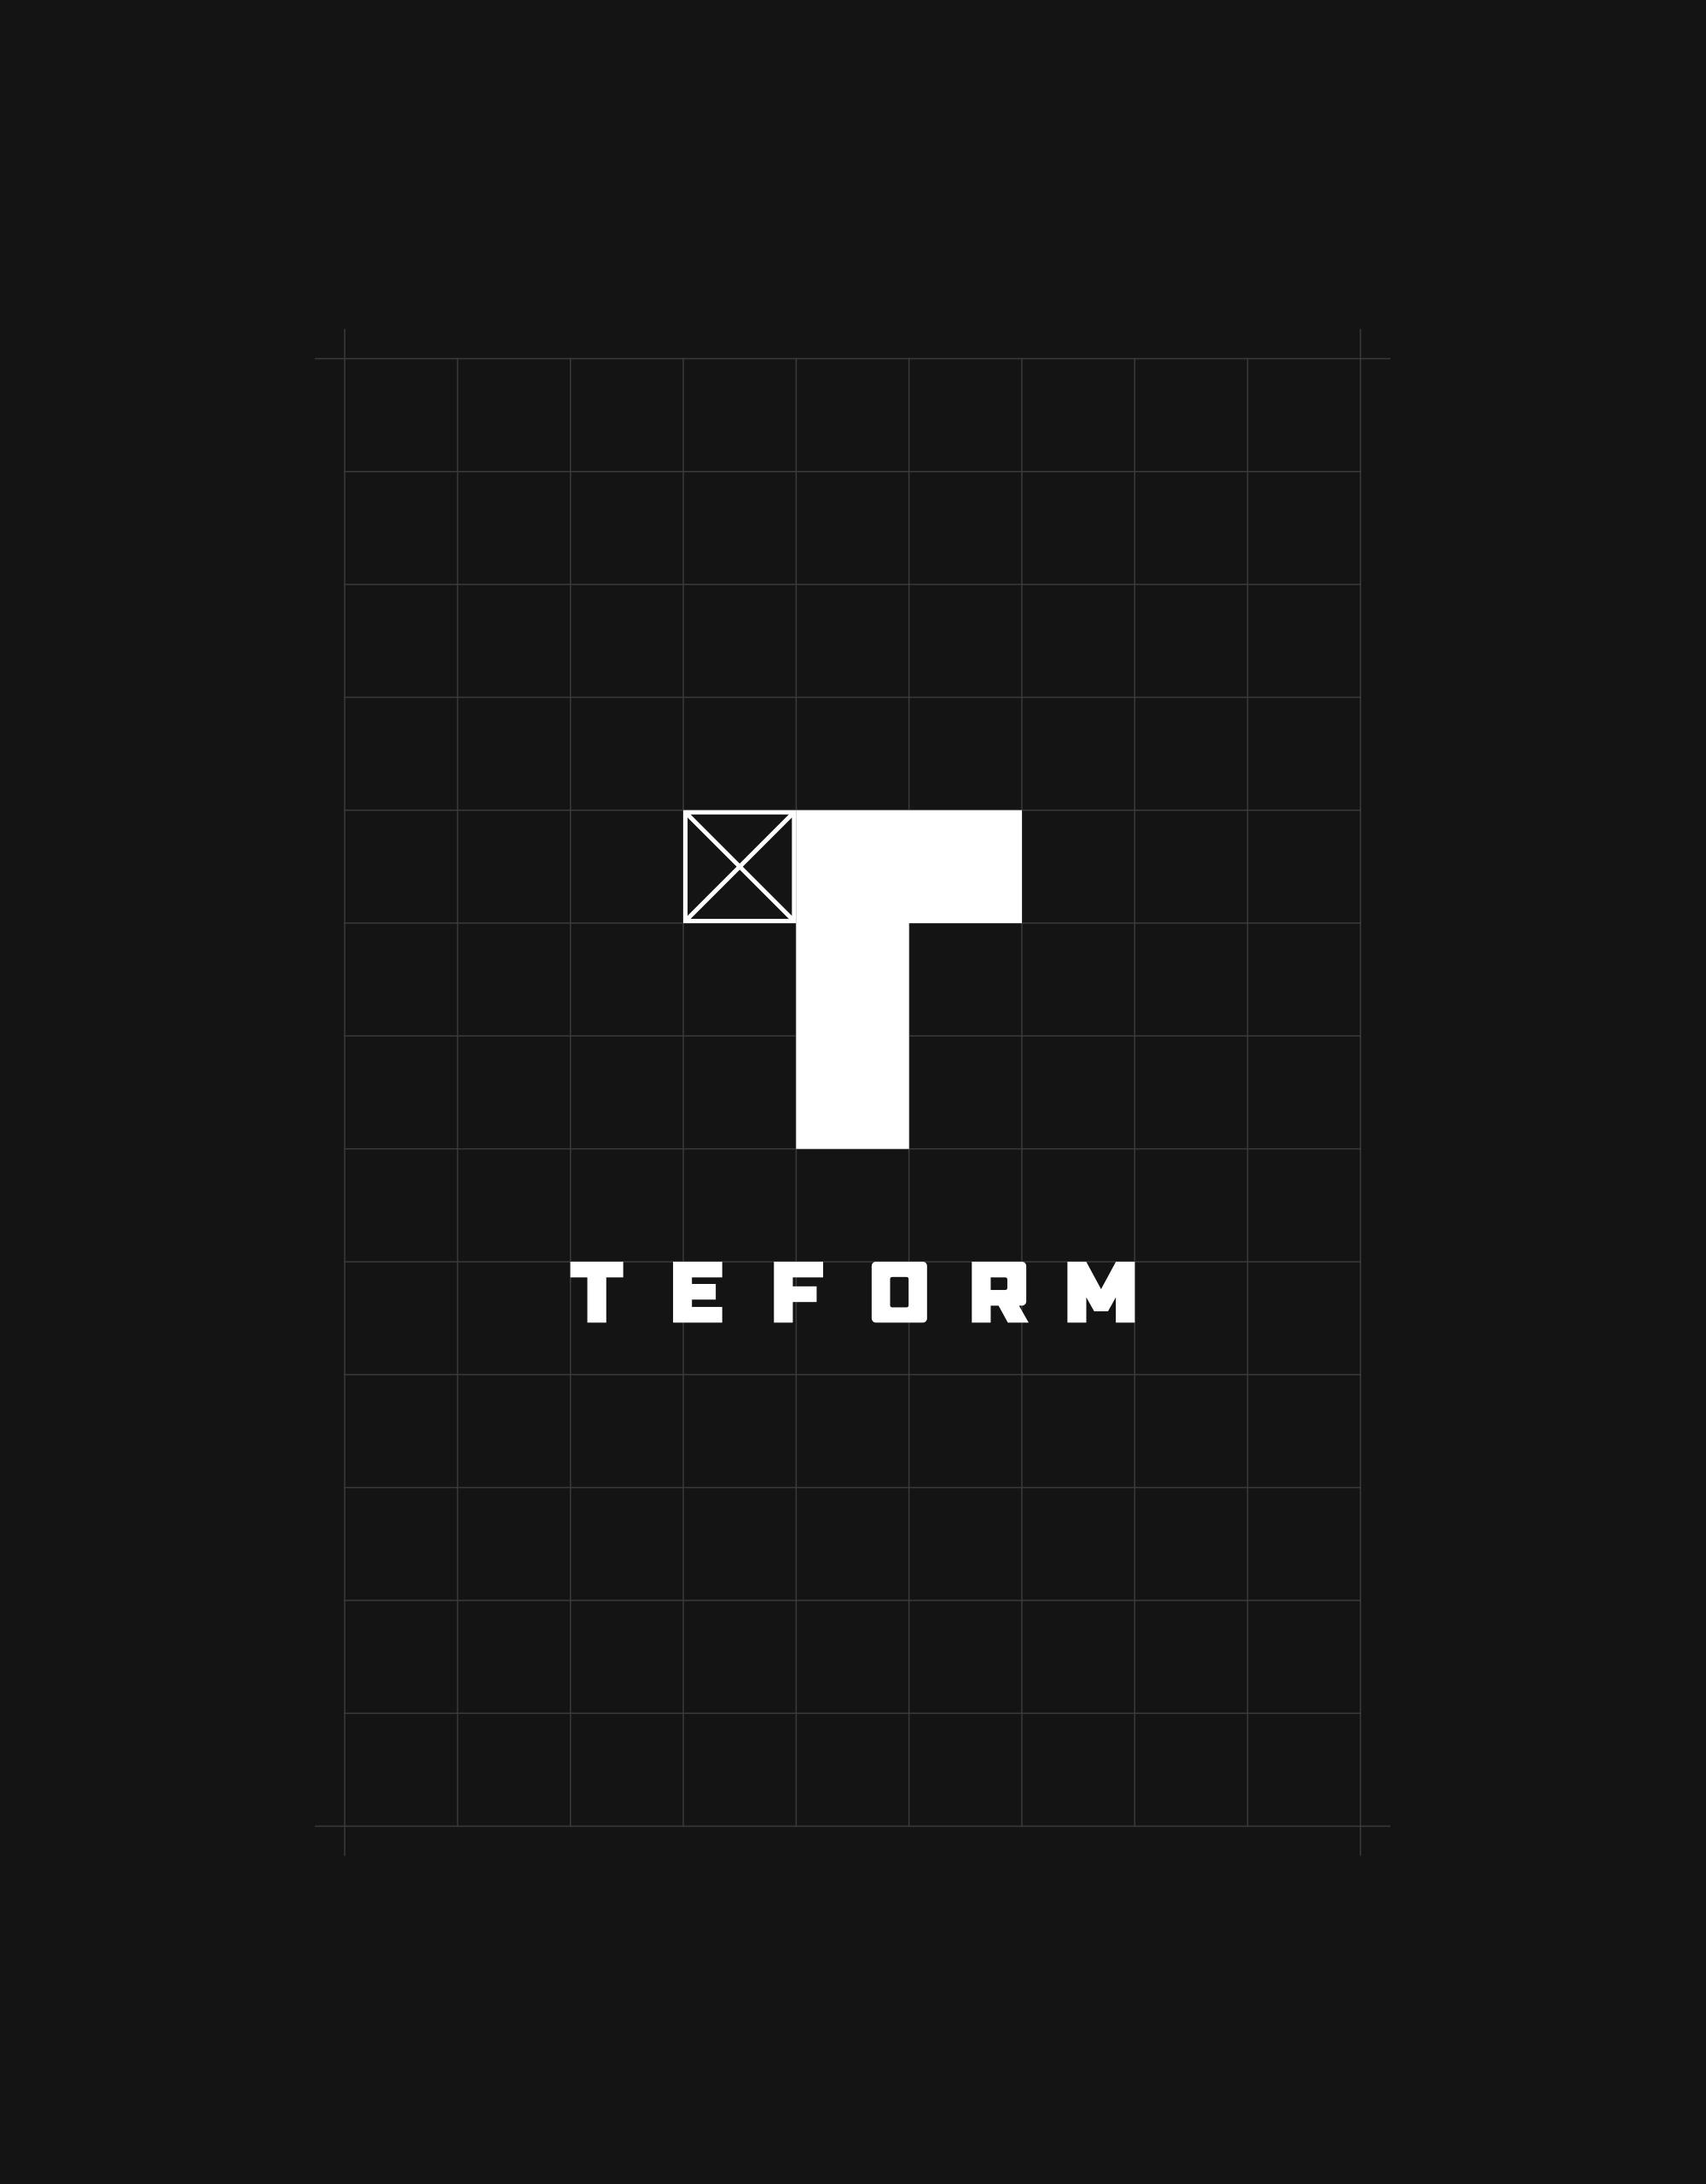 teform-export-2021-8